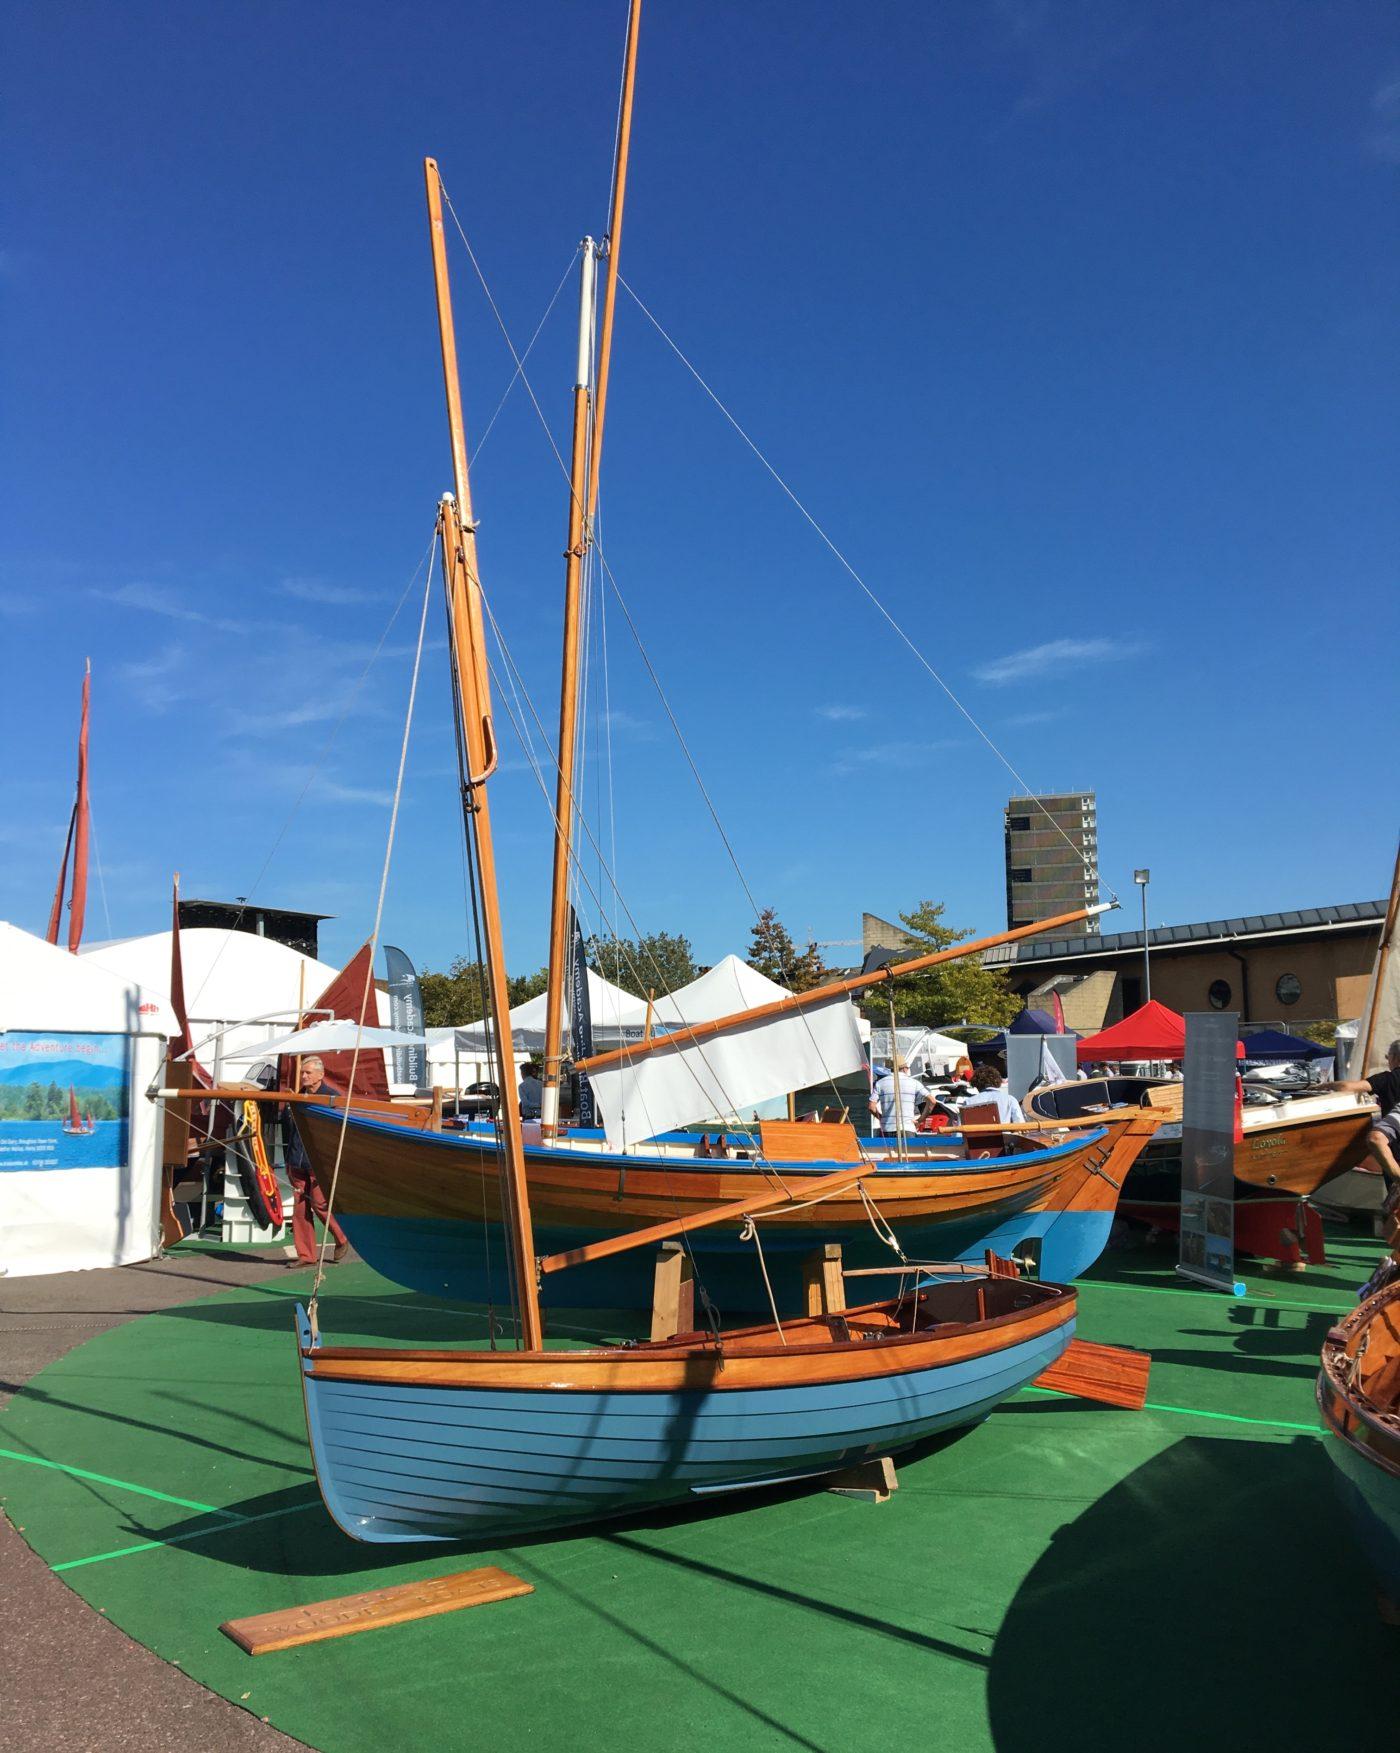 Southampton Boat Show shopping